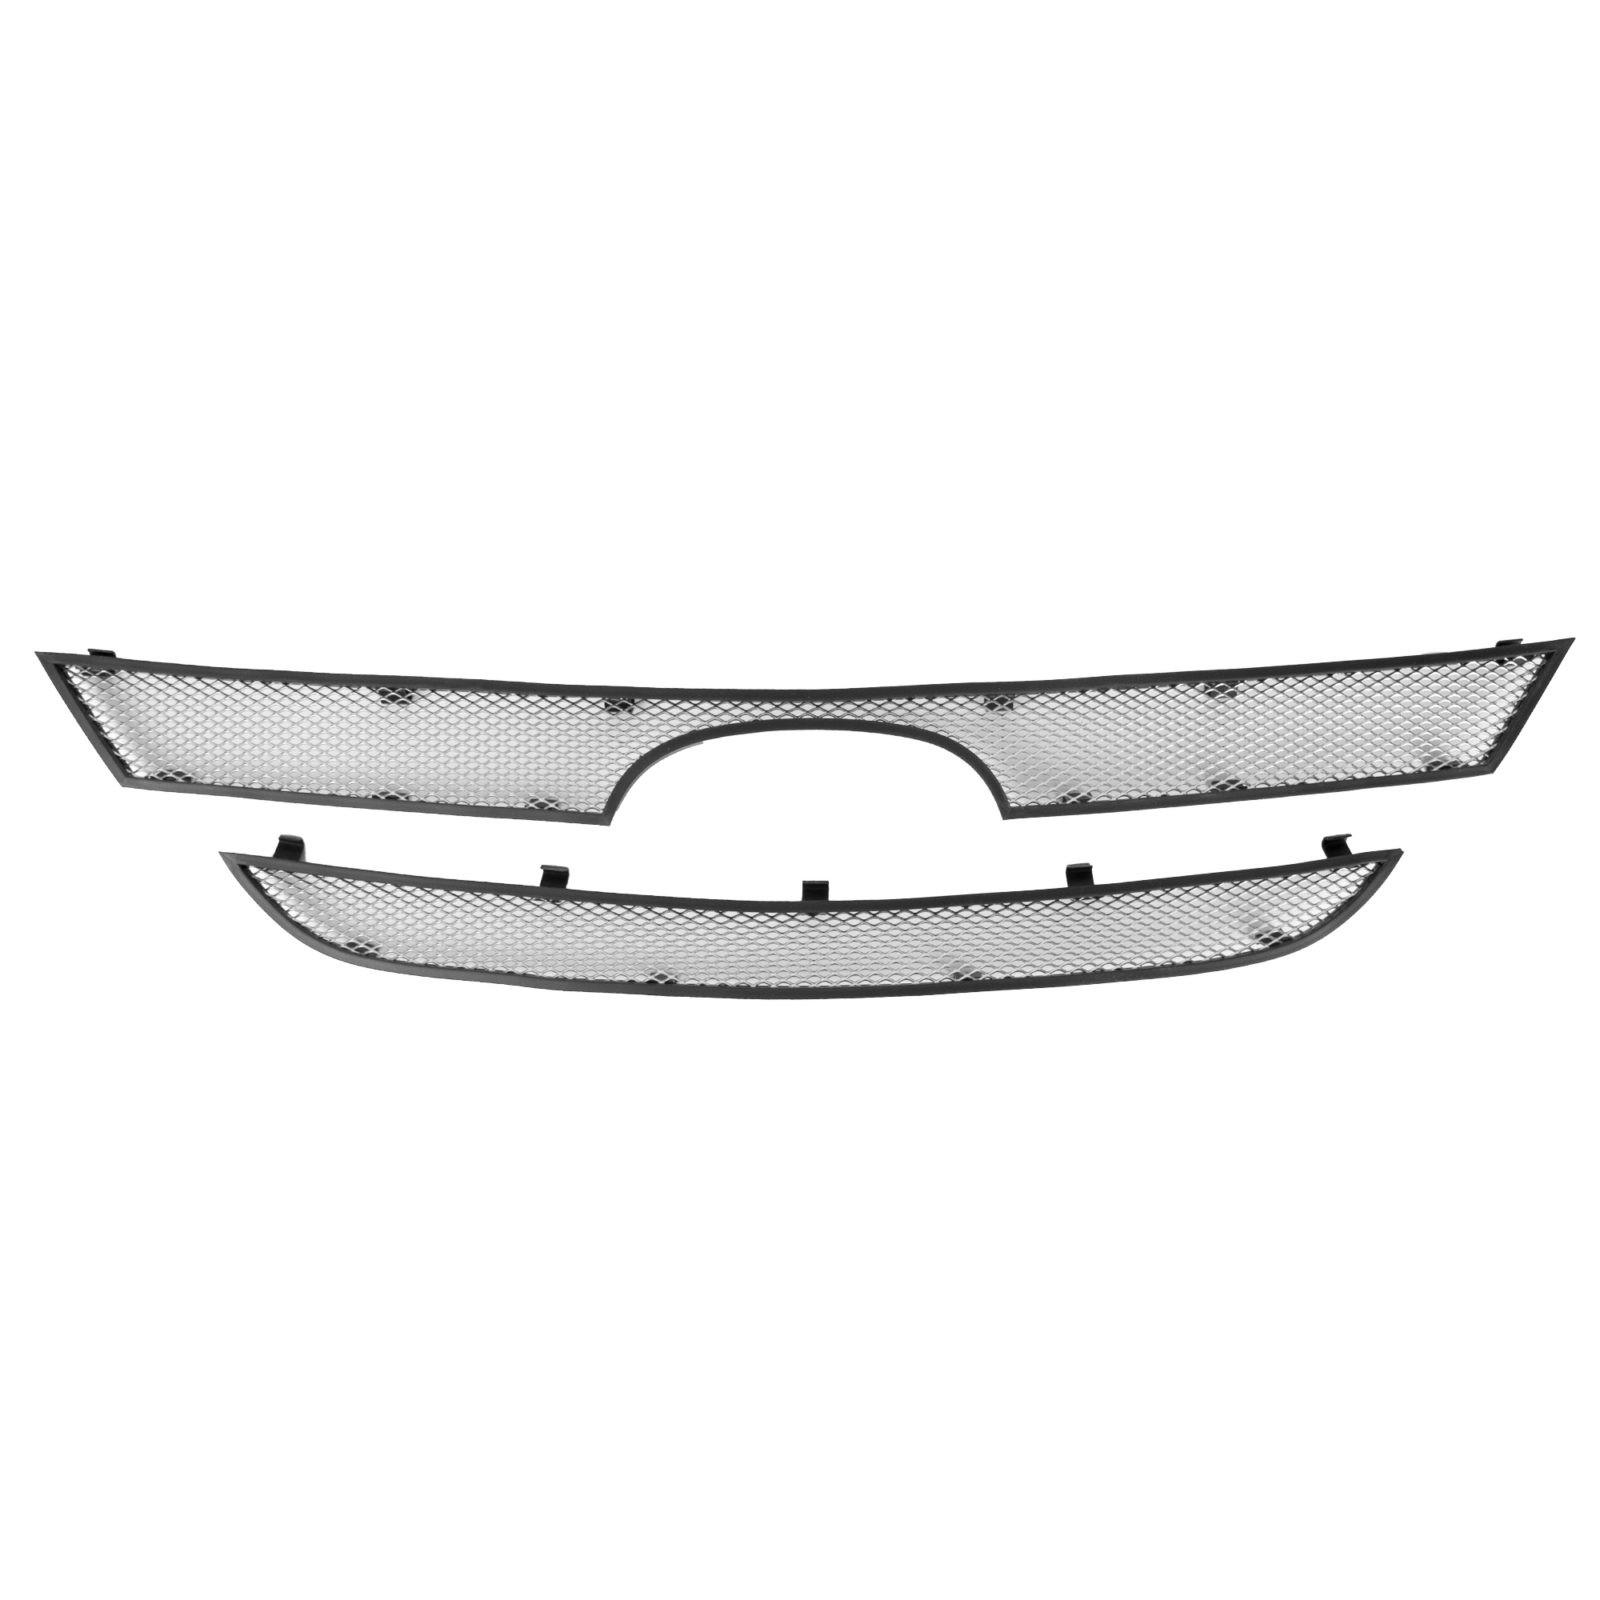 Защита радиатора для LADA Largus, chrome верх